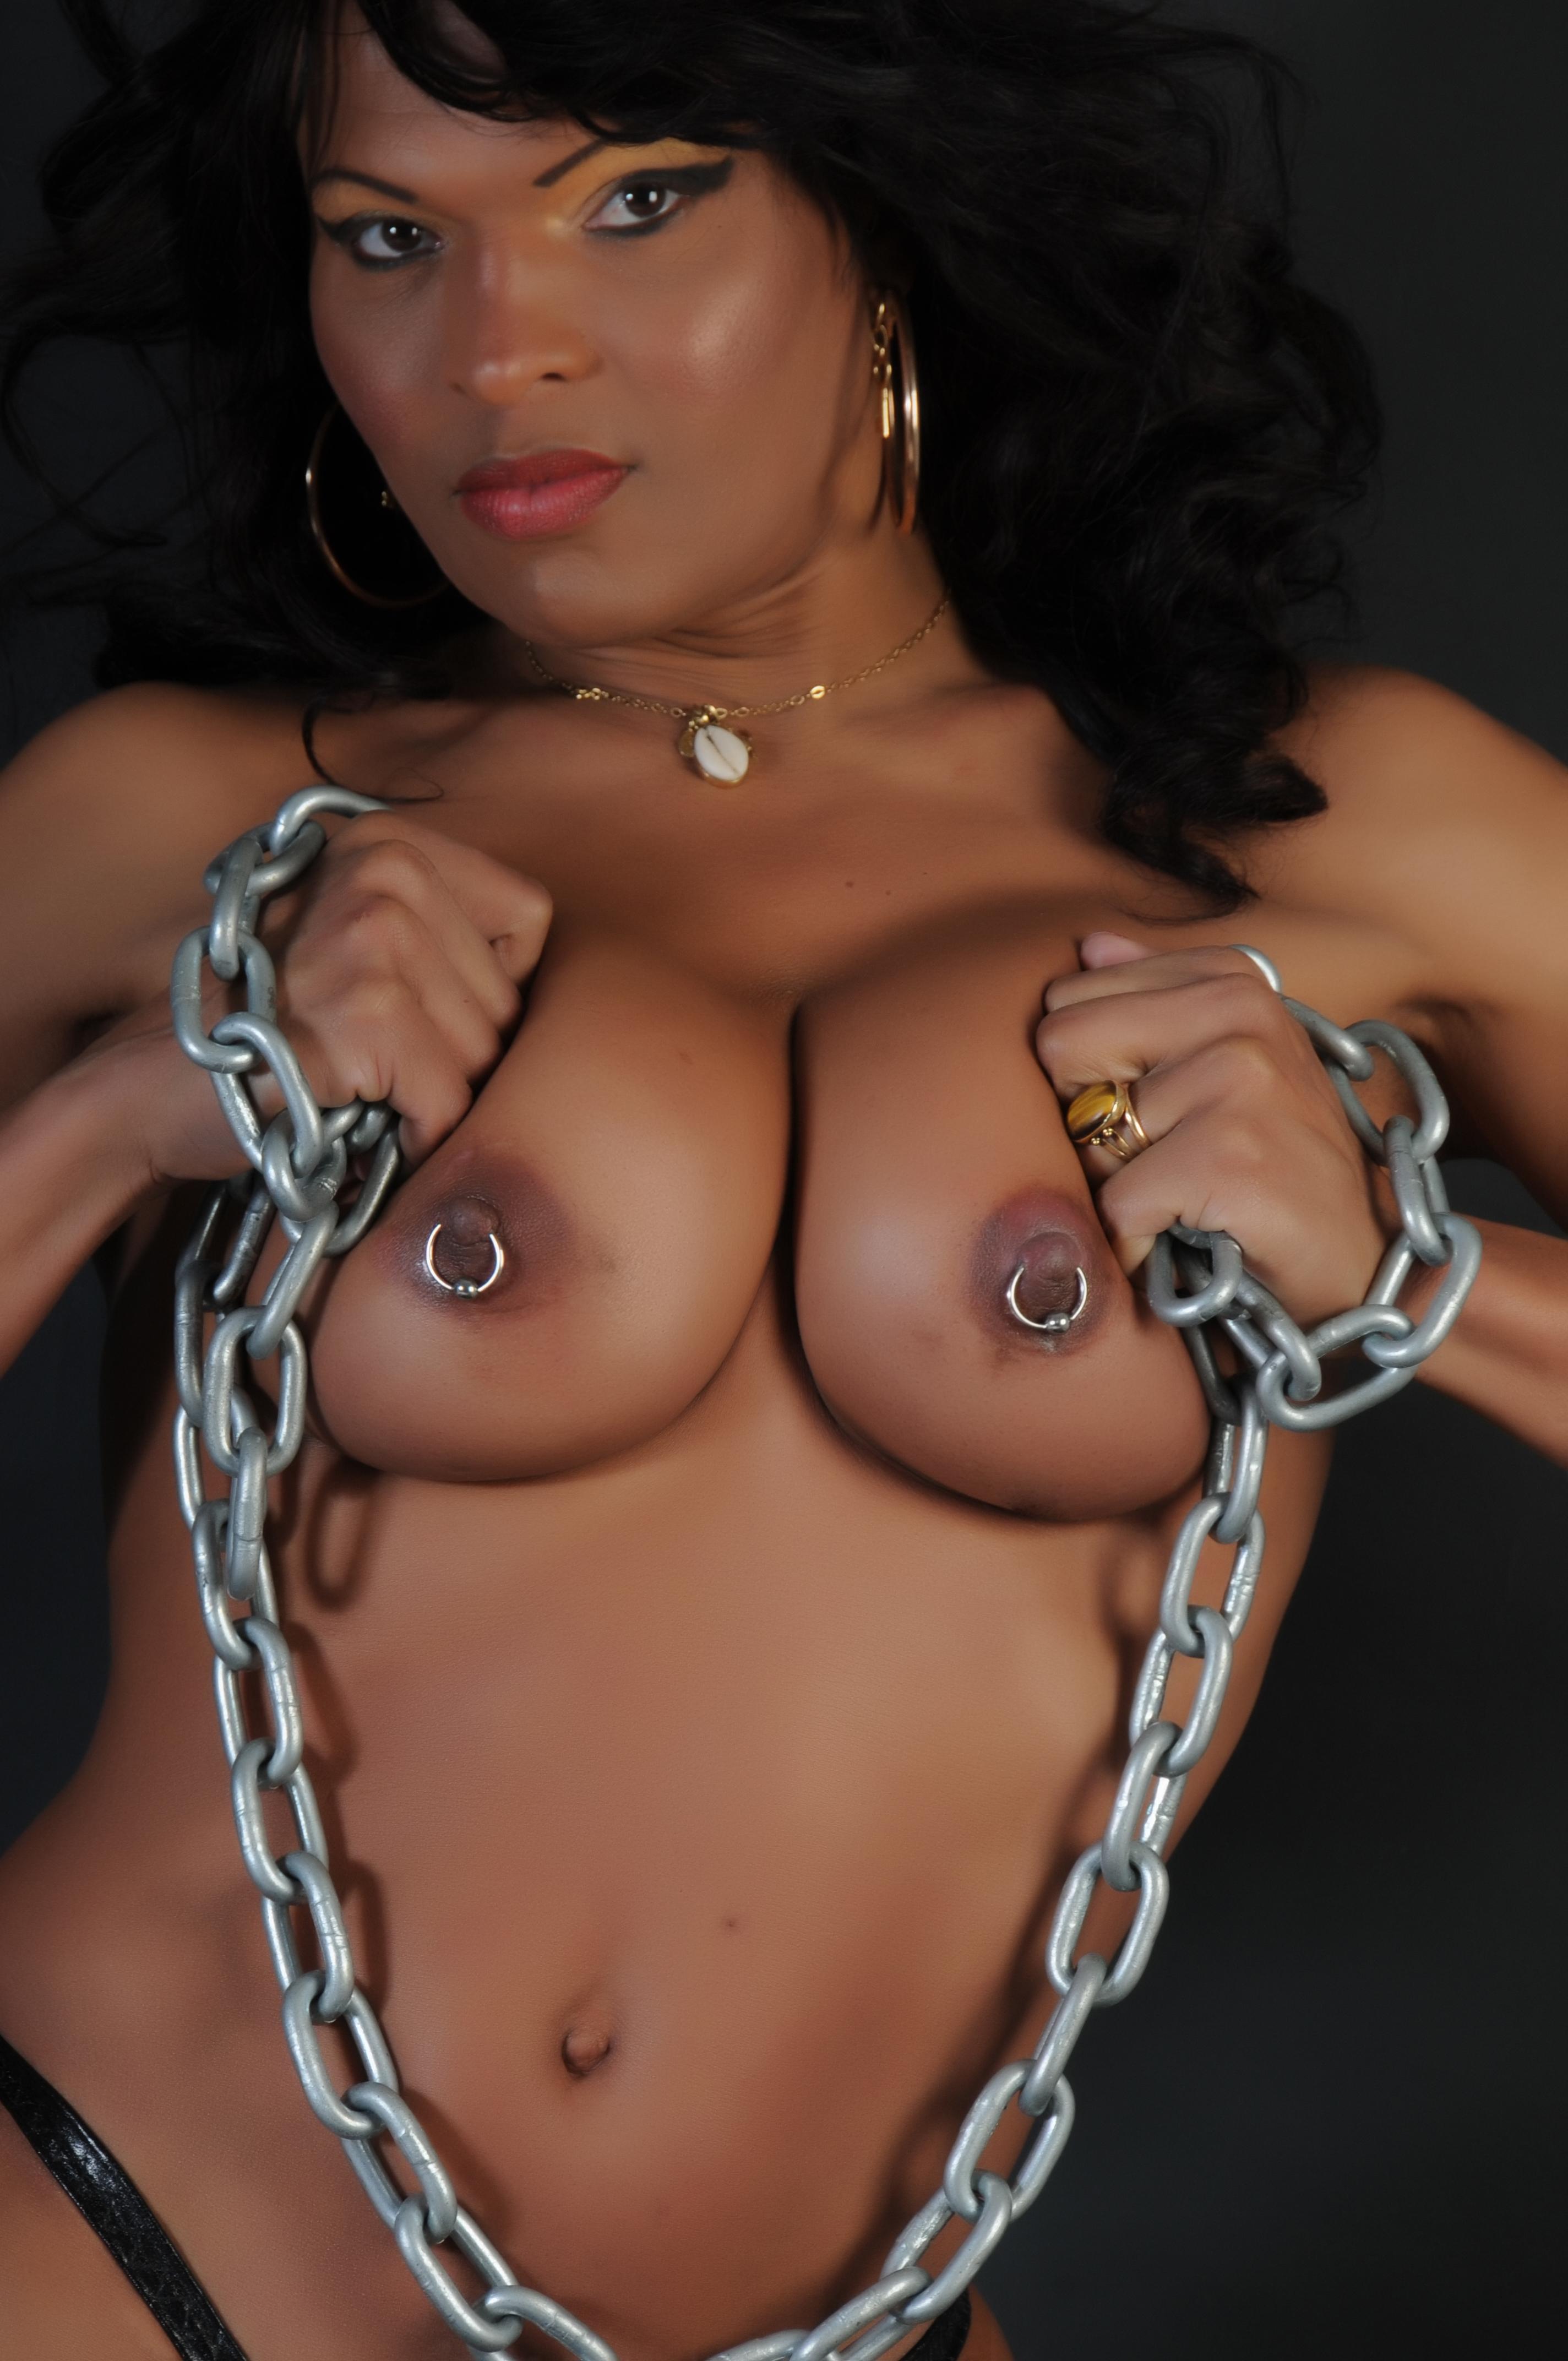 Gaia trans mulatta escort brasiliana